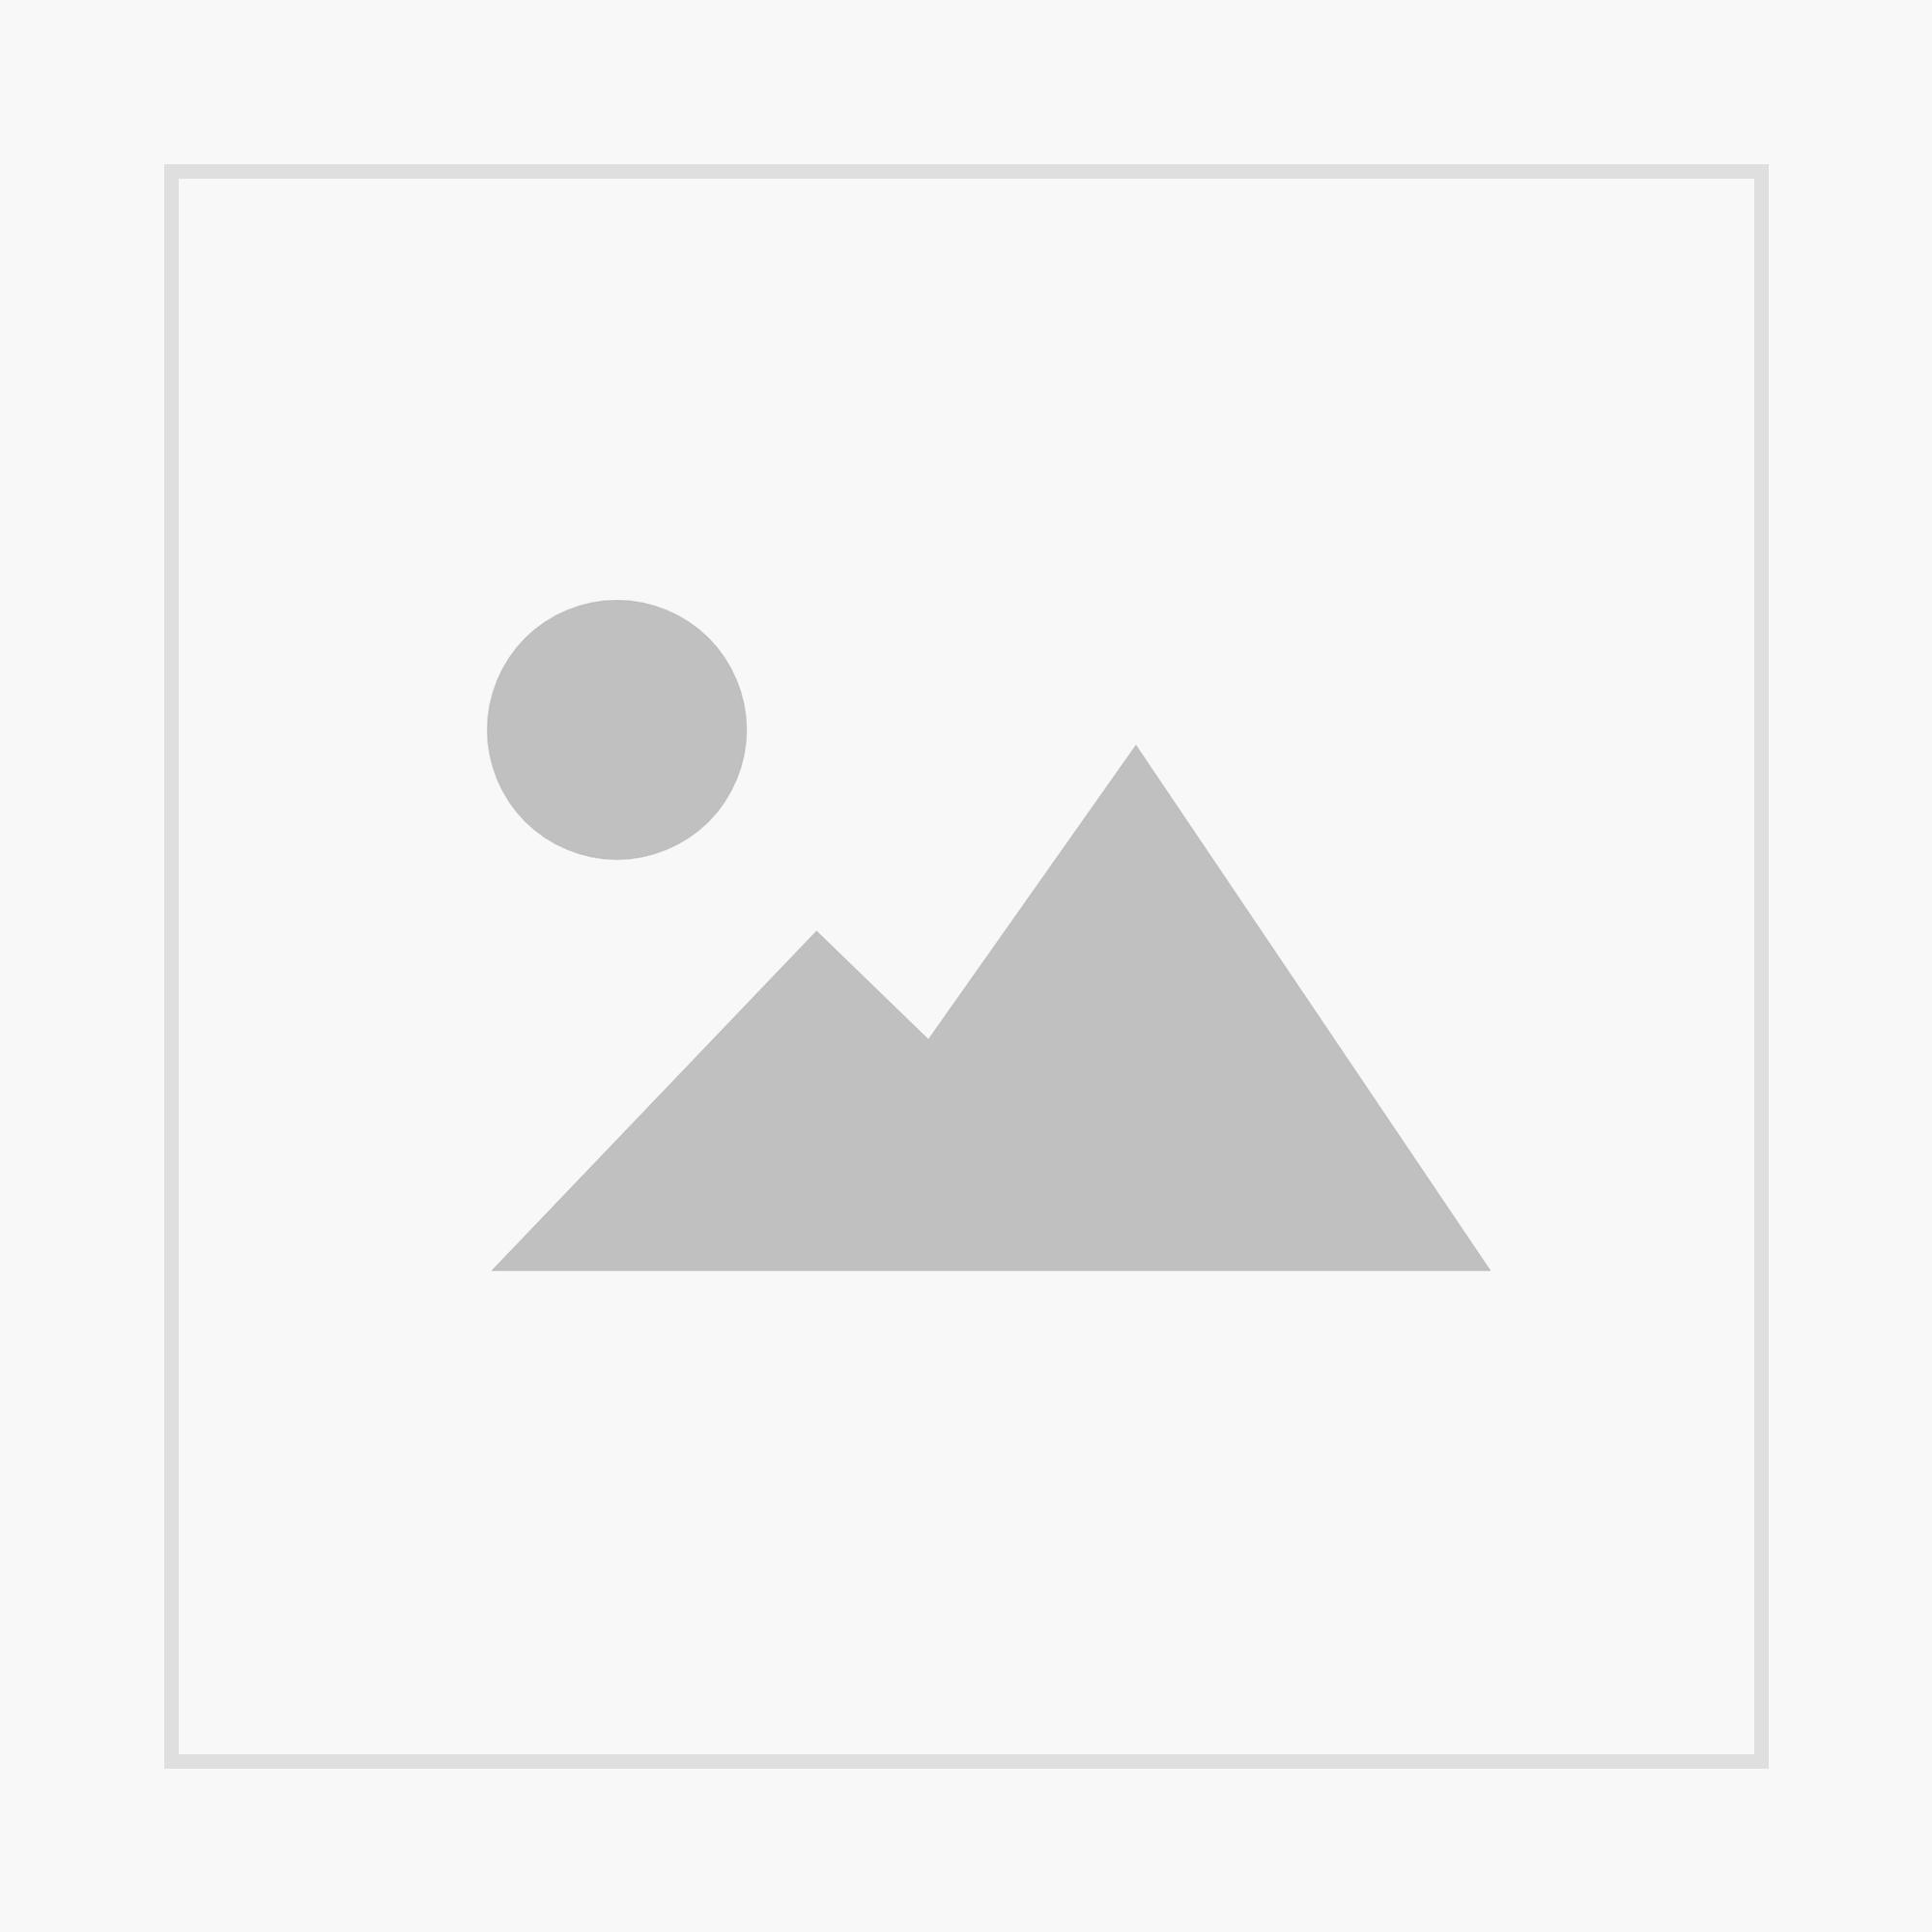 LuN Heft 69/1: Das europäische Schutzgebietssystem Natura 2000. Bd. 1: Pflanzen und Wirbellose